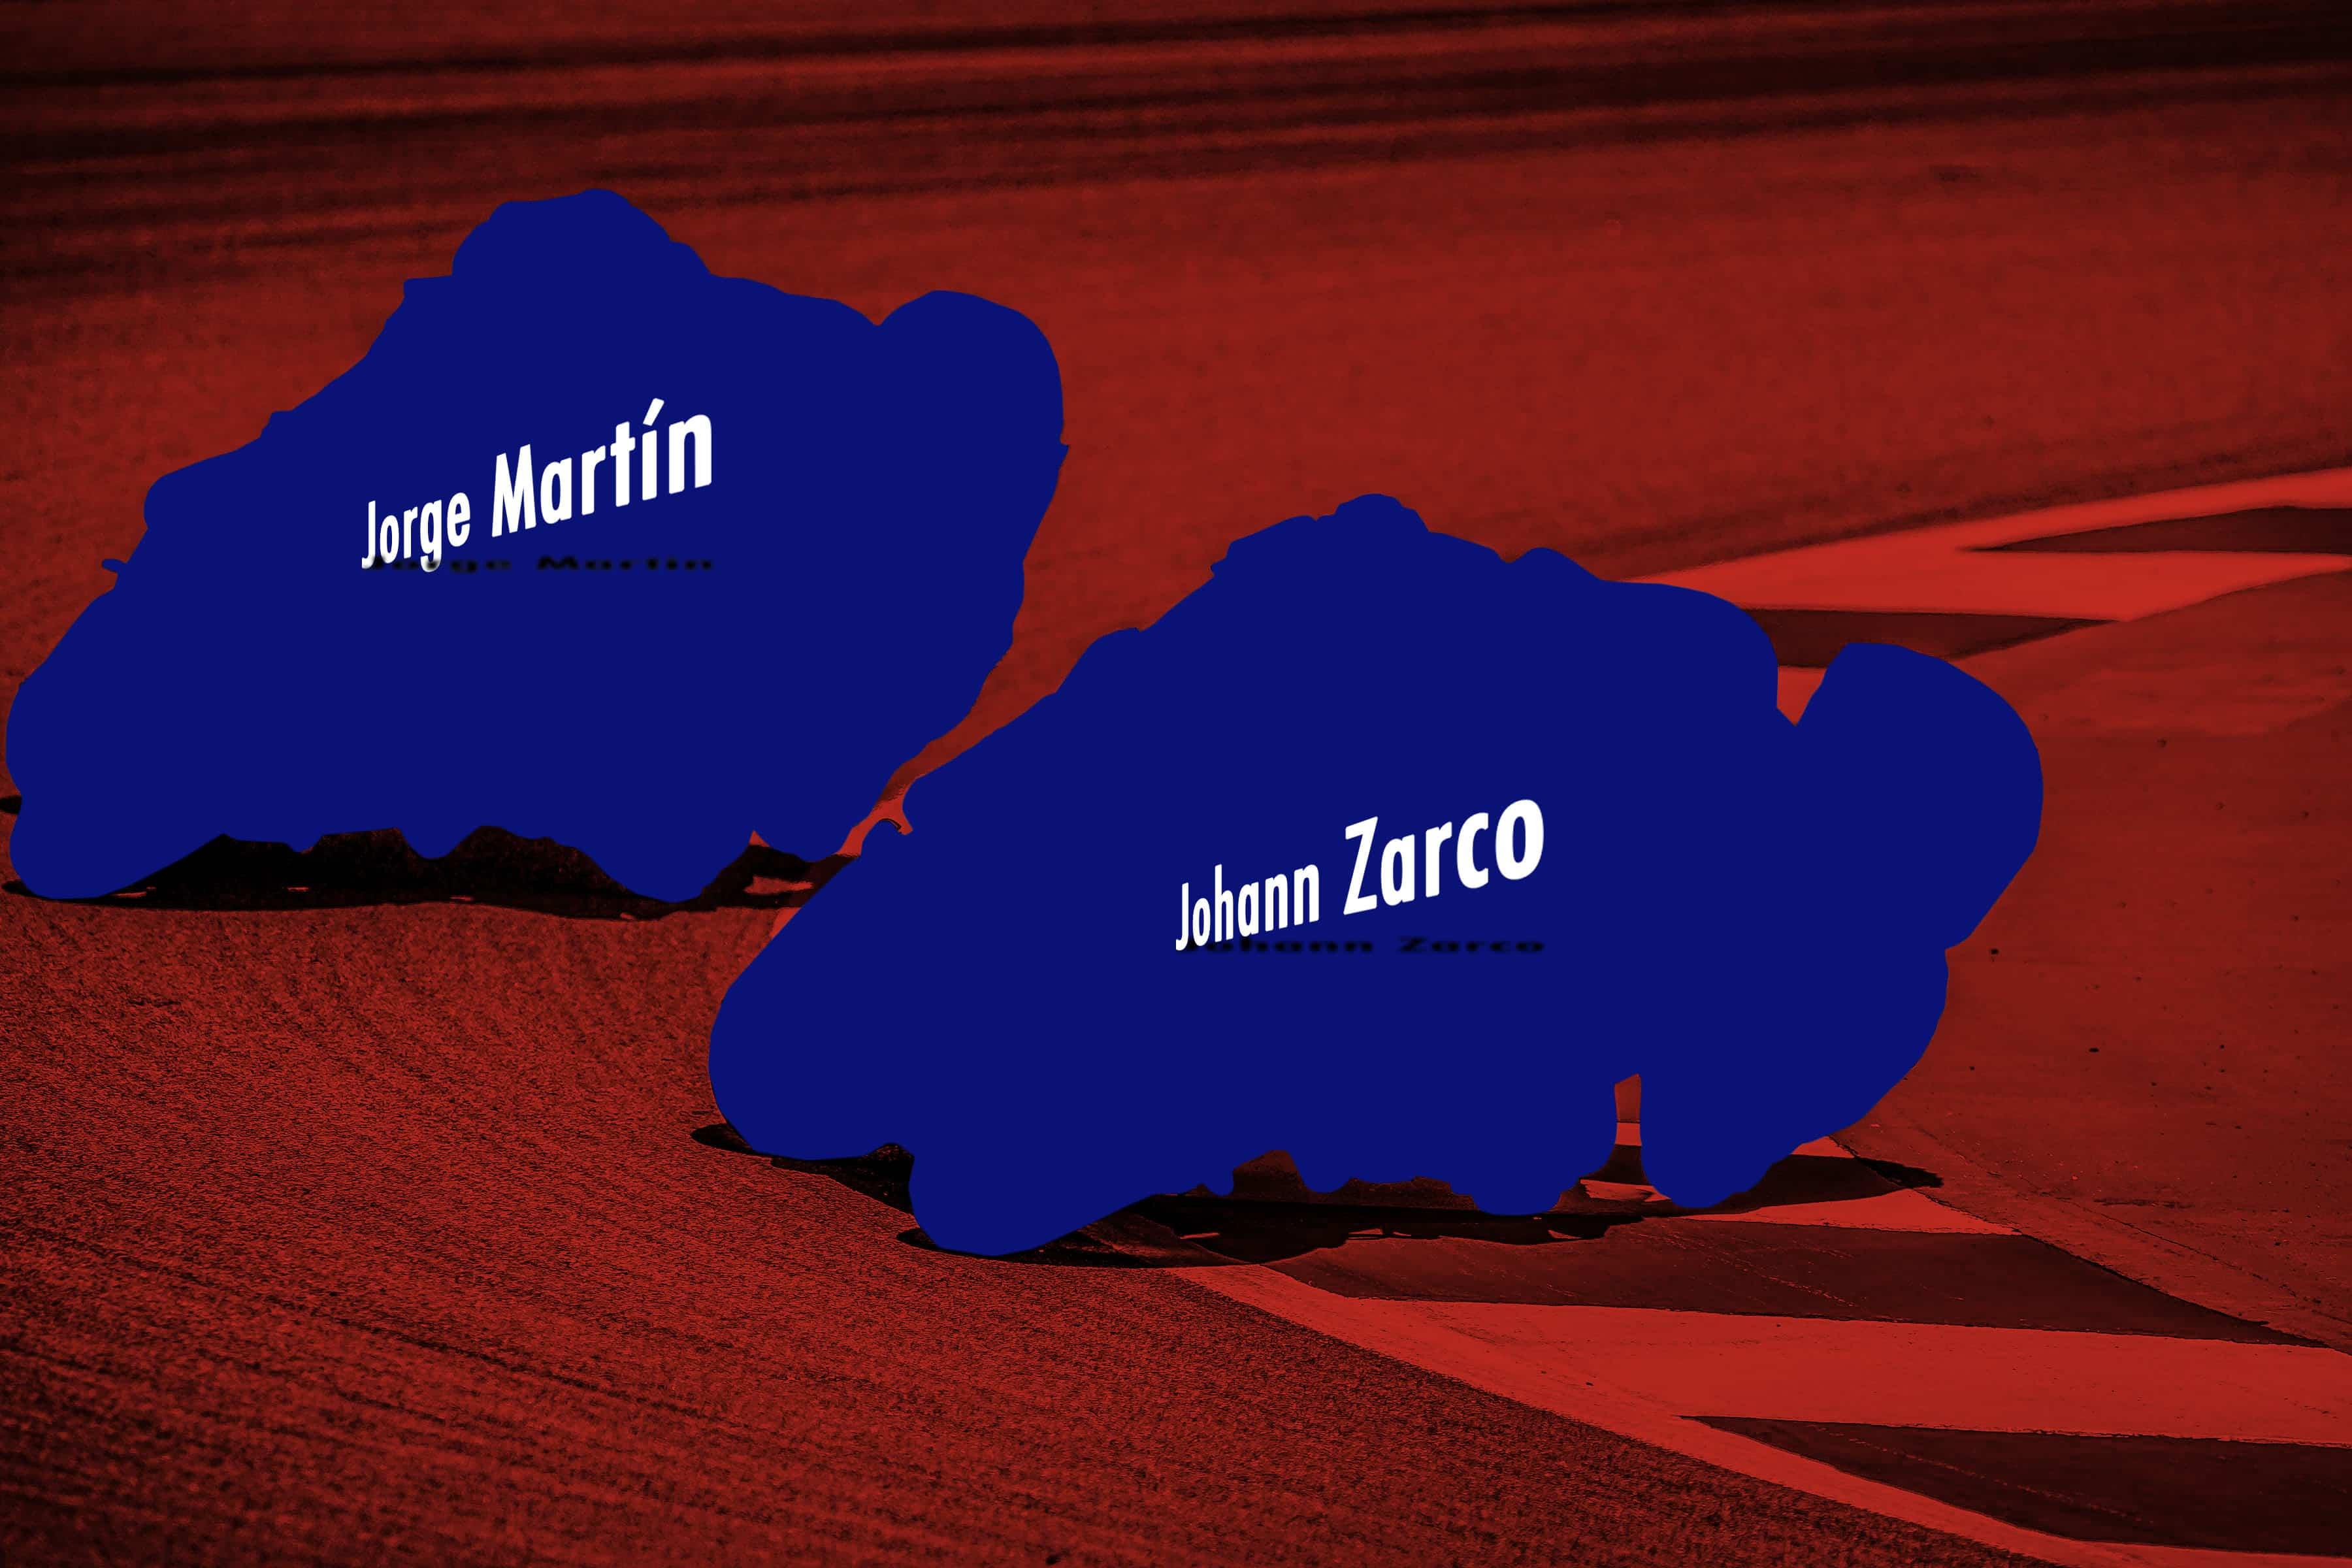 Pramacレーシング 2021年のライダーラインナップを公表 ライダーはザルコとマルティン